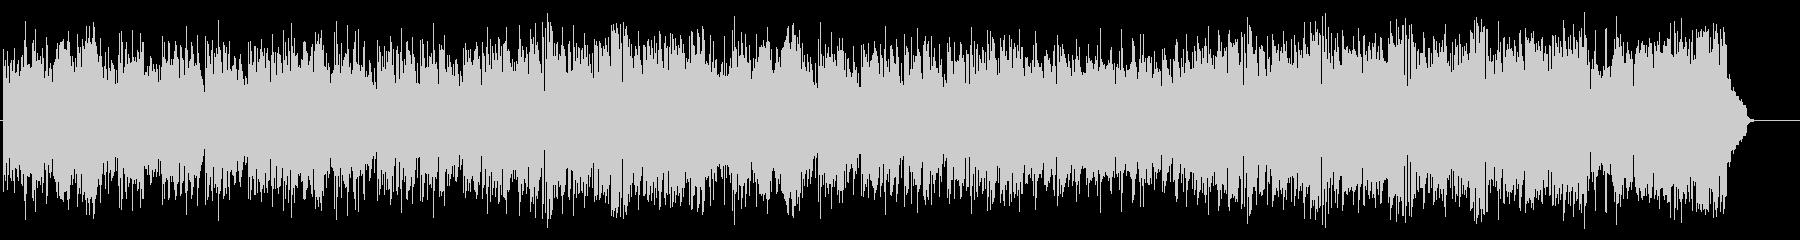 フュージョンバラード(フルサイズ)の未再生の波形